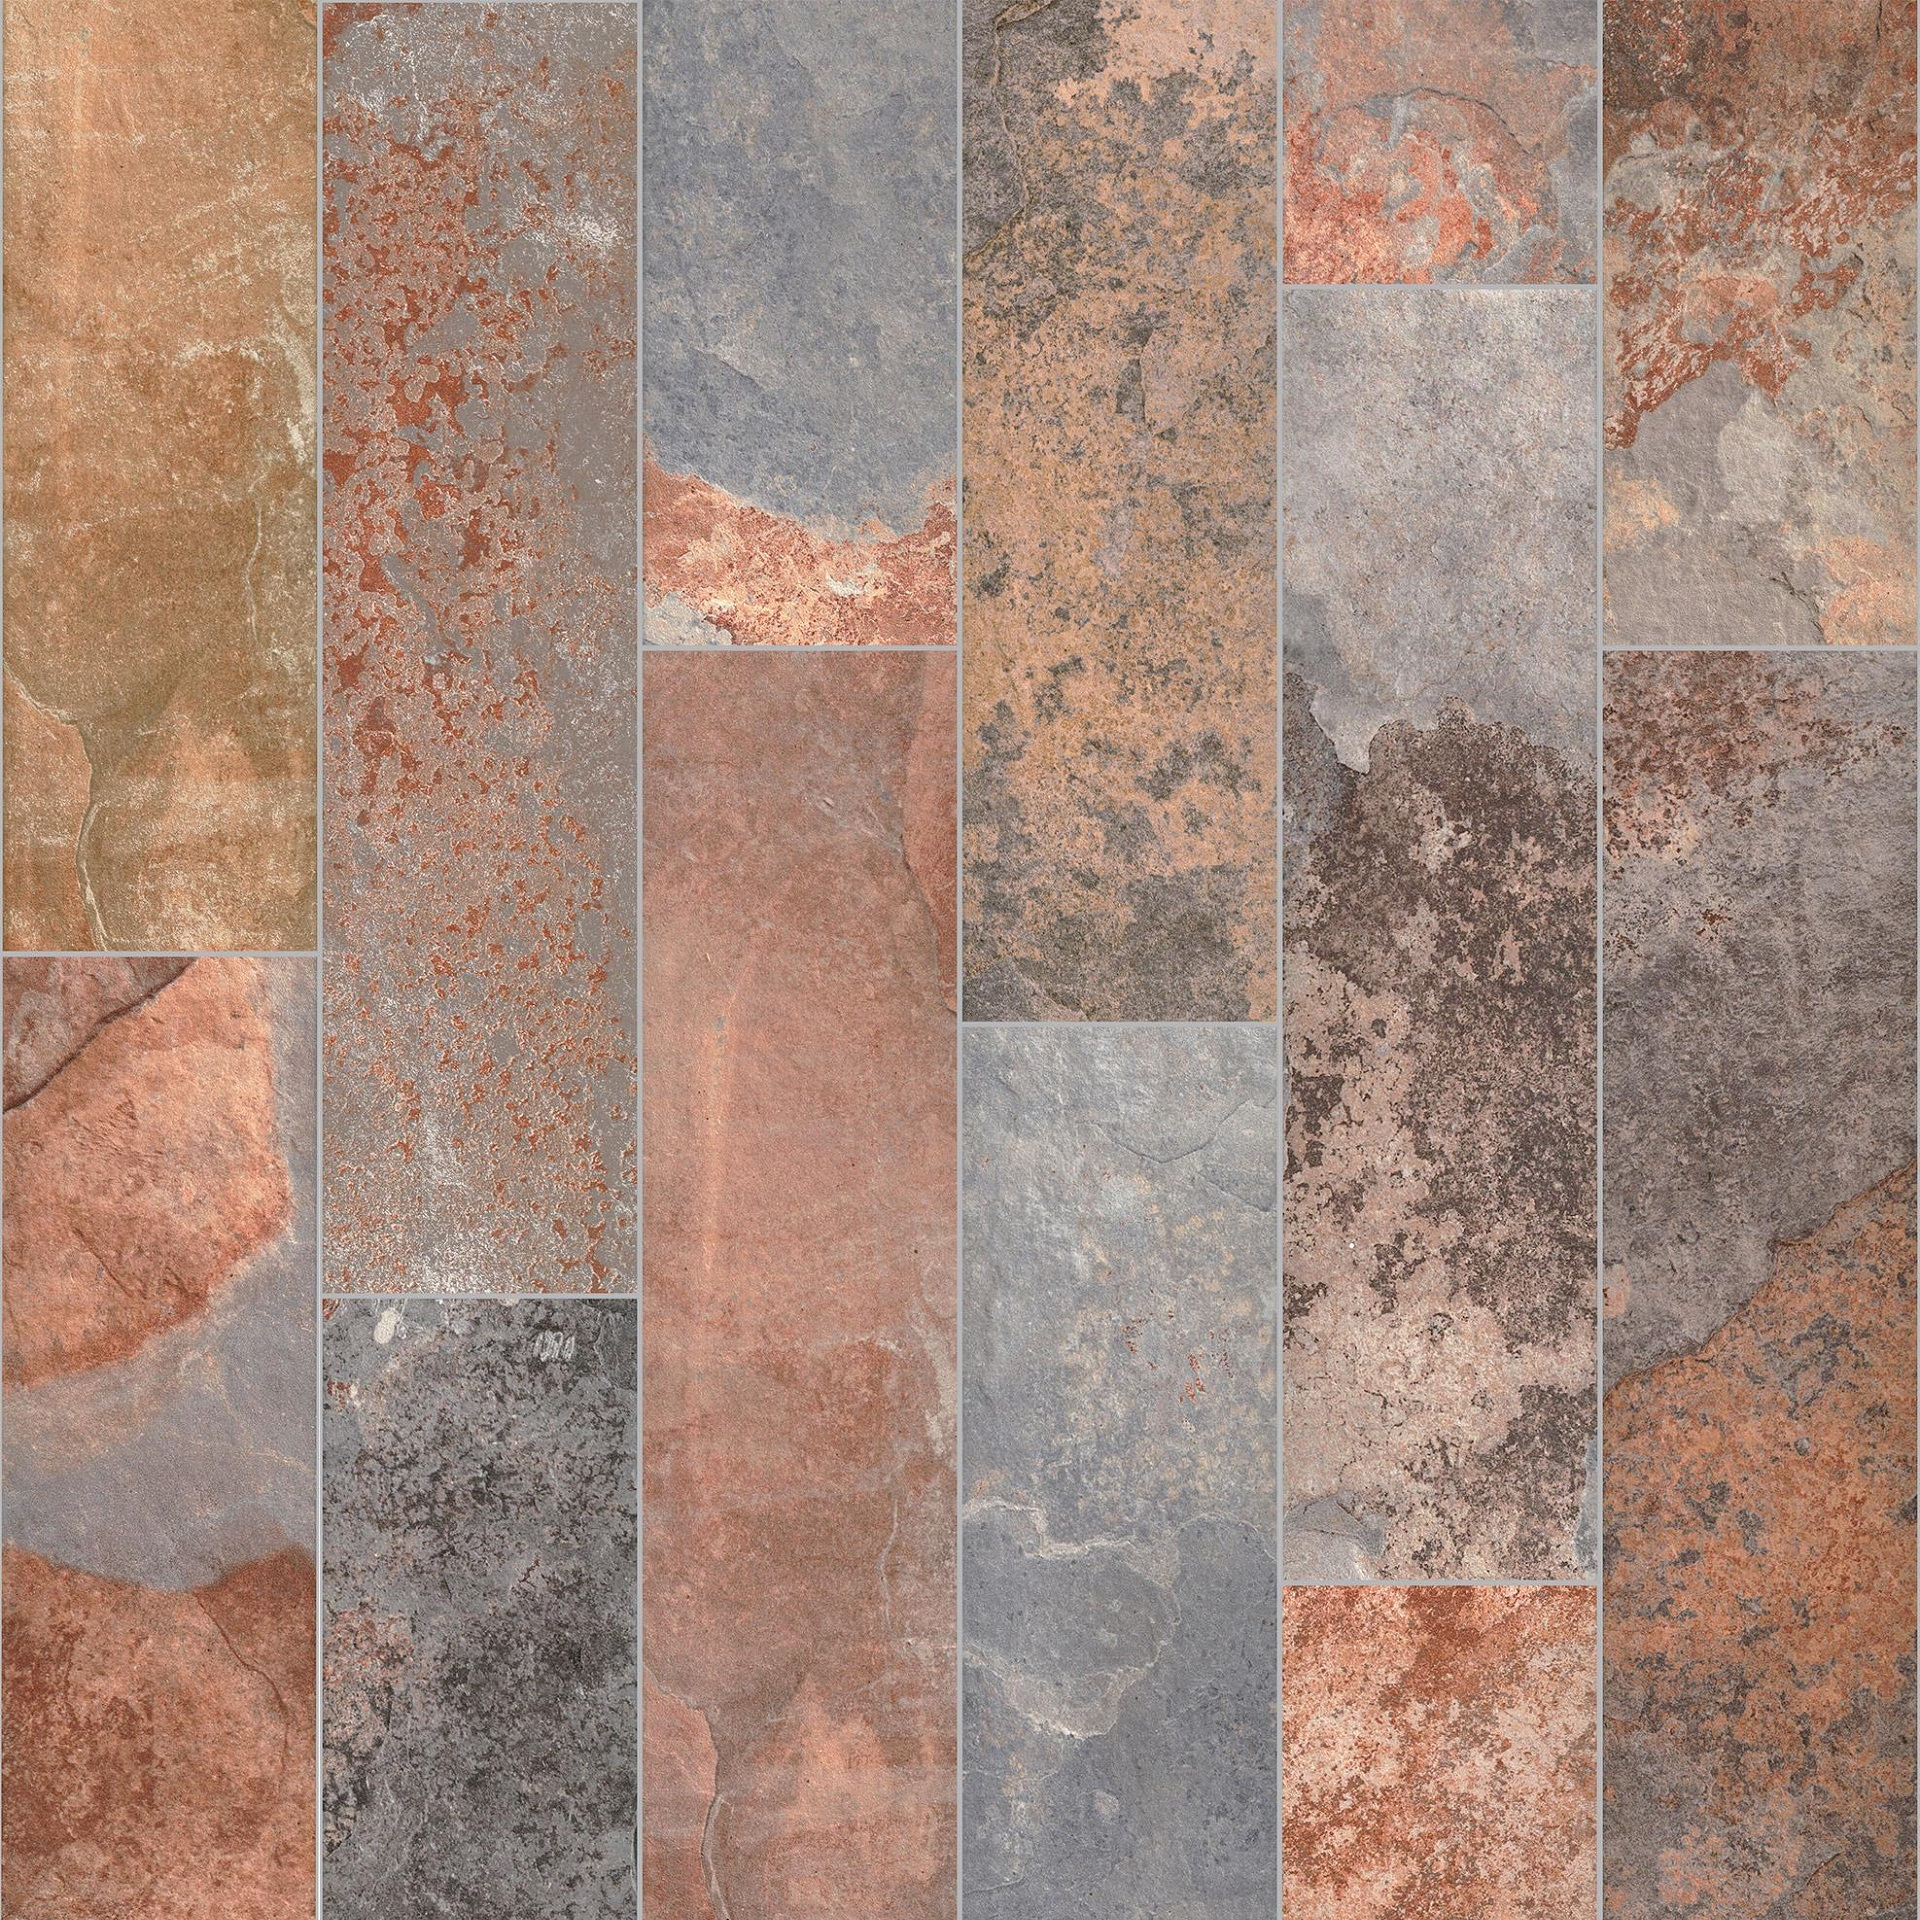 Gạch vân mộc mạc Rustic glazed tile